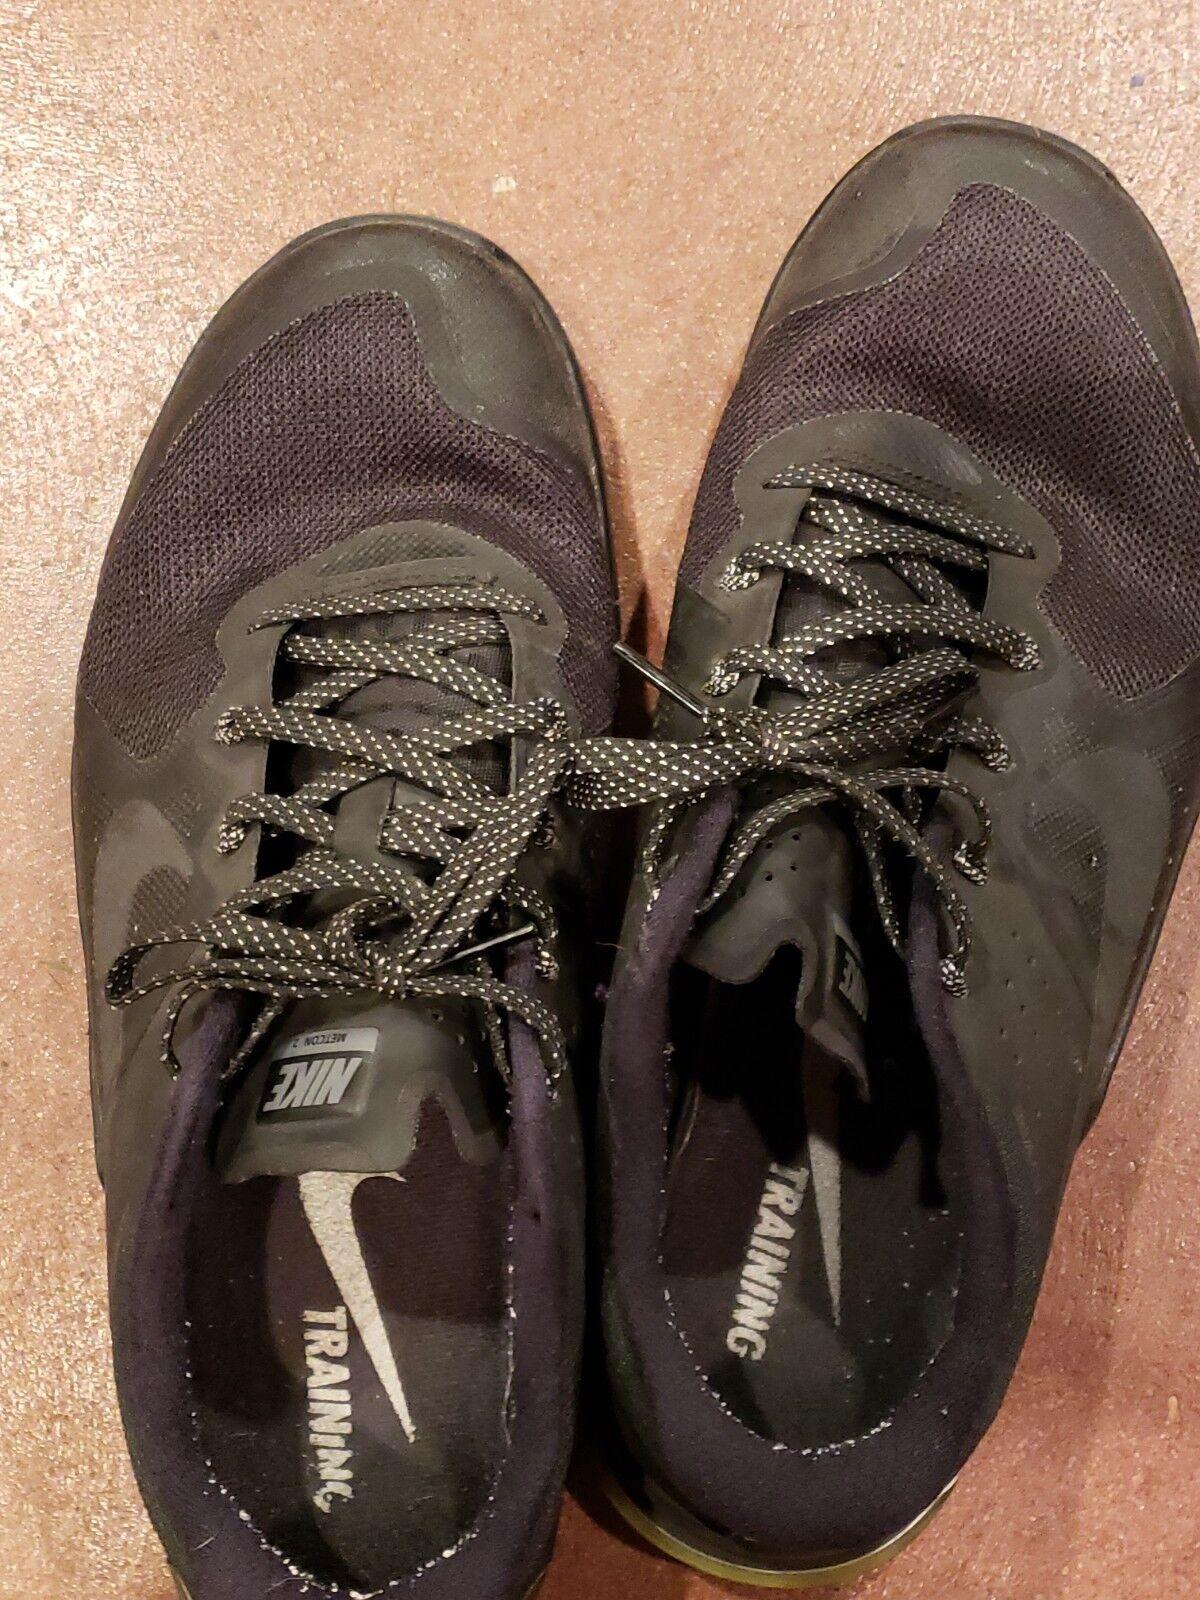 Nike id metcon 4 uomini crossfit dimensioni 10,5 usato nero usato 10,5 obo abc9bc